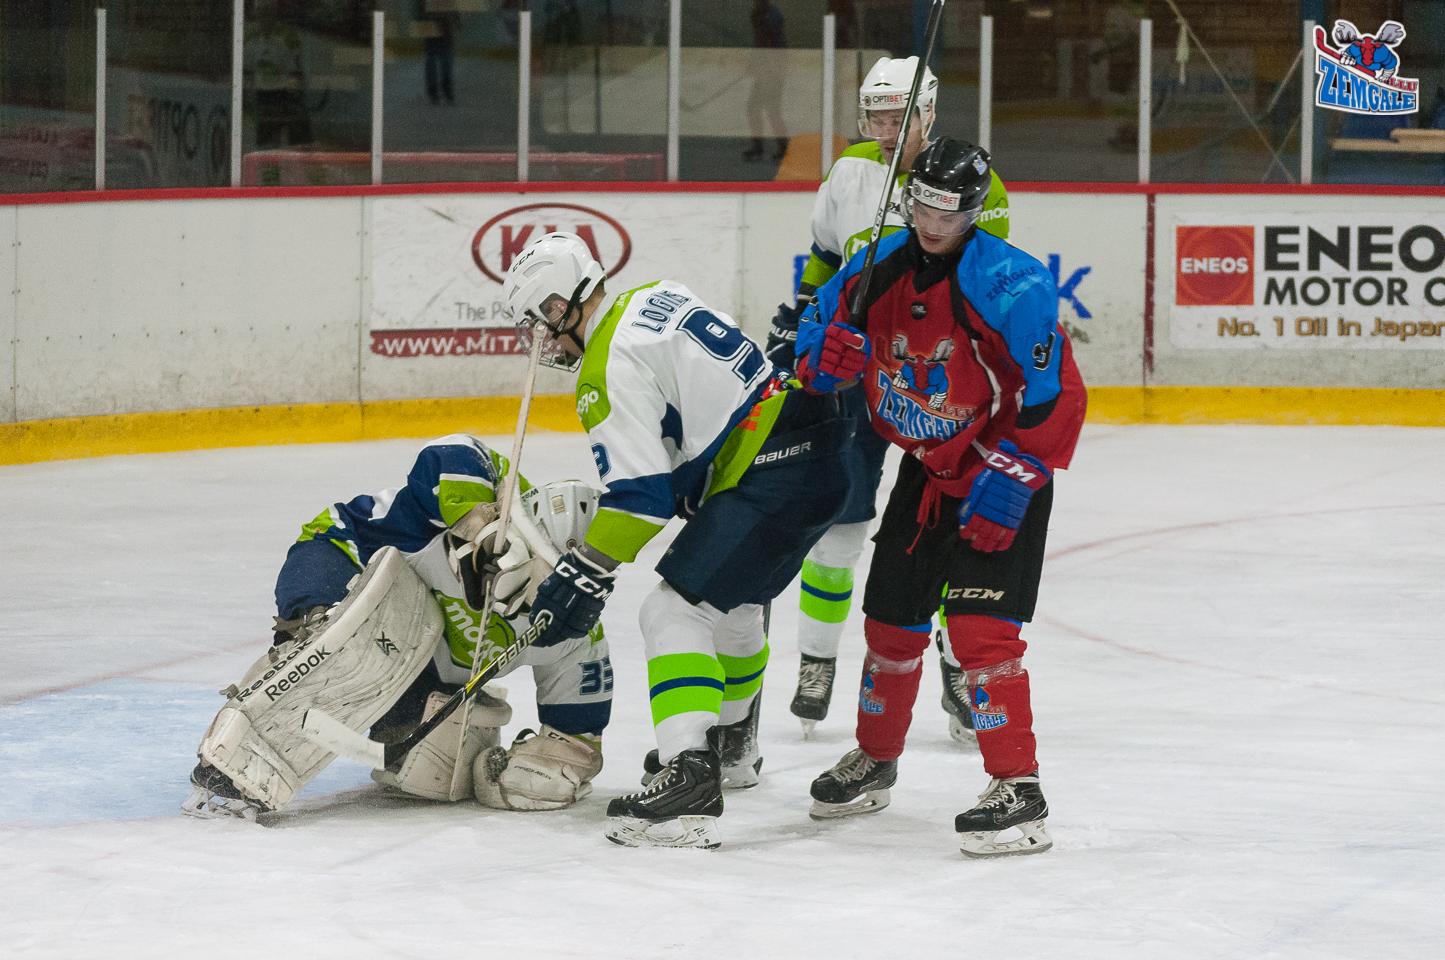 """Optibet hokeja līgas regulārā čempionāta spēlē 2017. gada 25. novembrī Jelgavas ledus hallē """"Zemgale/LLU"""" pieveic vienu no turnīra līderiem """"Mogo"""" ar rezultātu 3:1 (2:0; 0:0; 1:1)."""